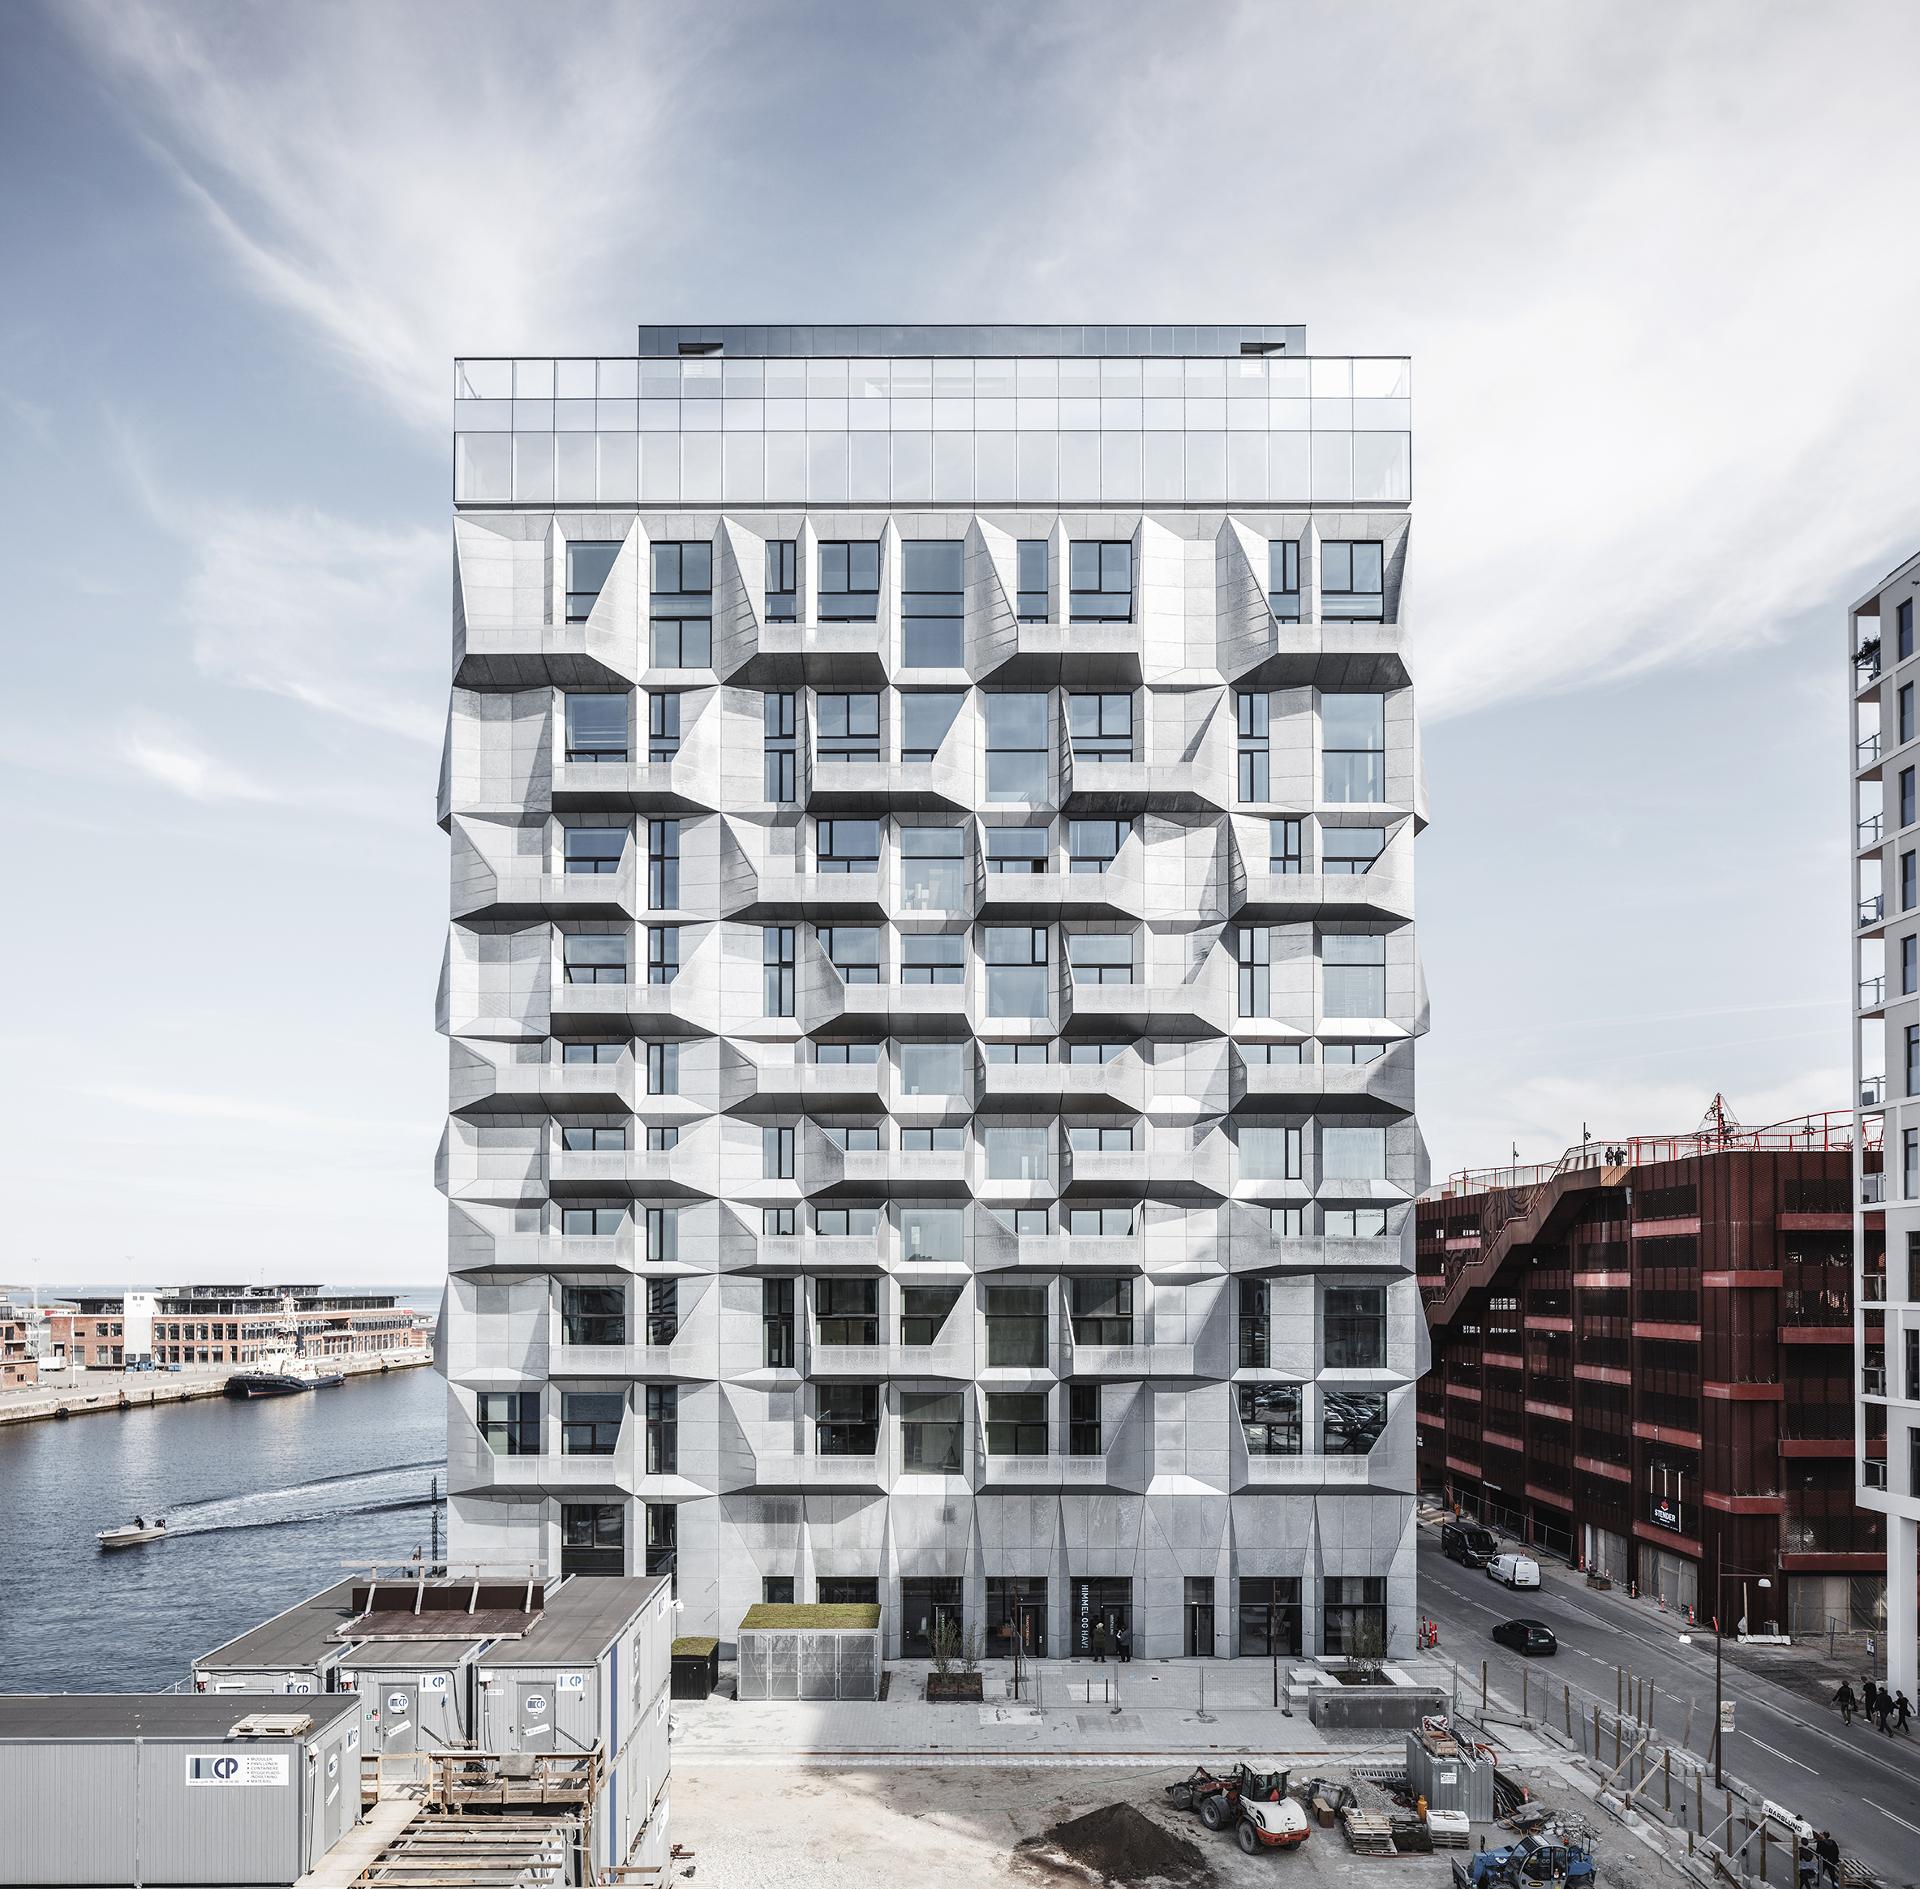 Apartamentos en el silo con fachada de acero galvanizado, por Cobe architects